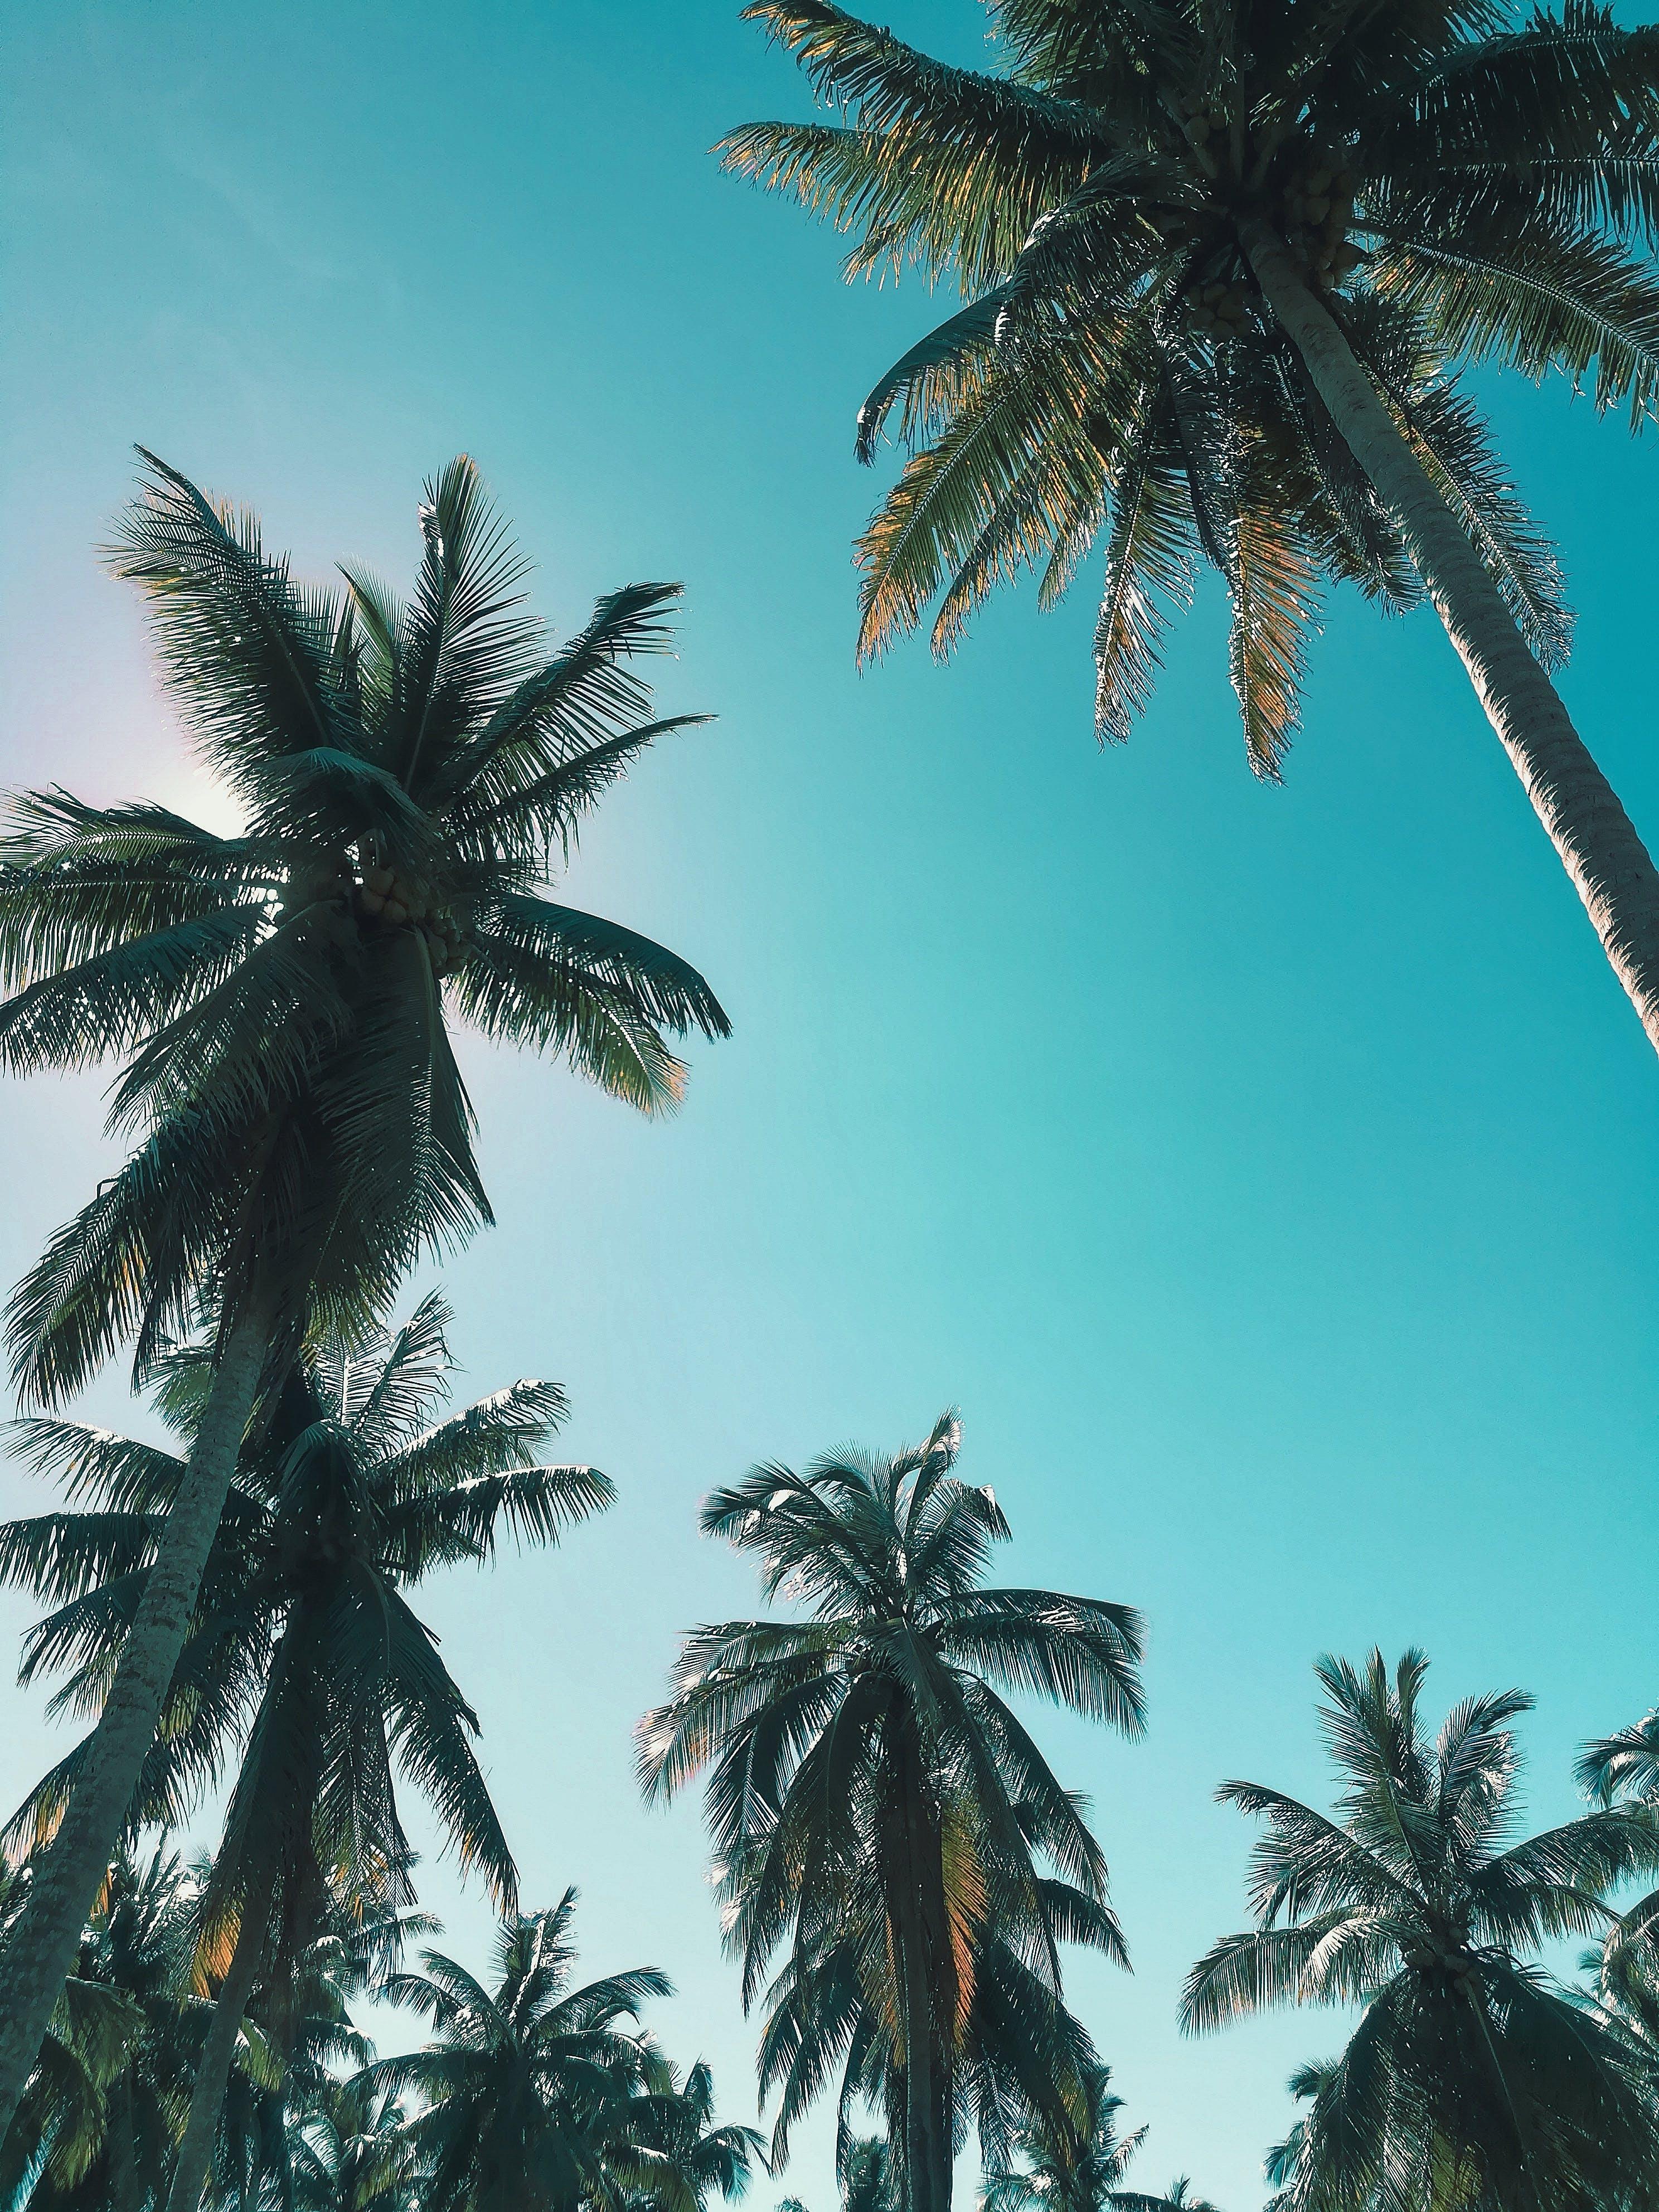 Ảnh lưu trữ miễn phí về cây, cây cọ, cây dừa, góc chụp thấp